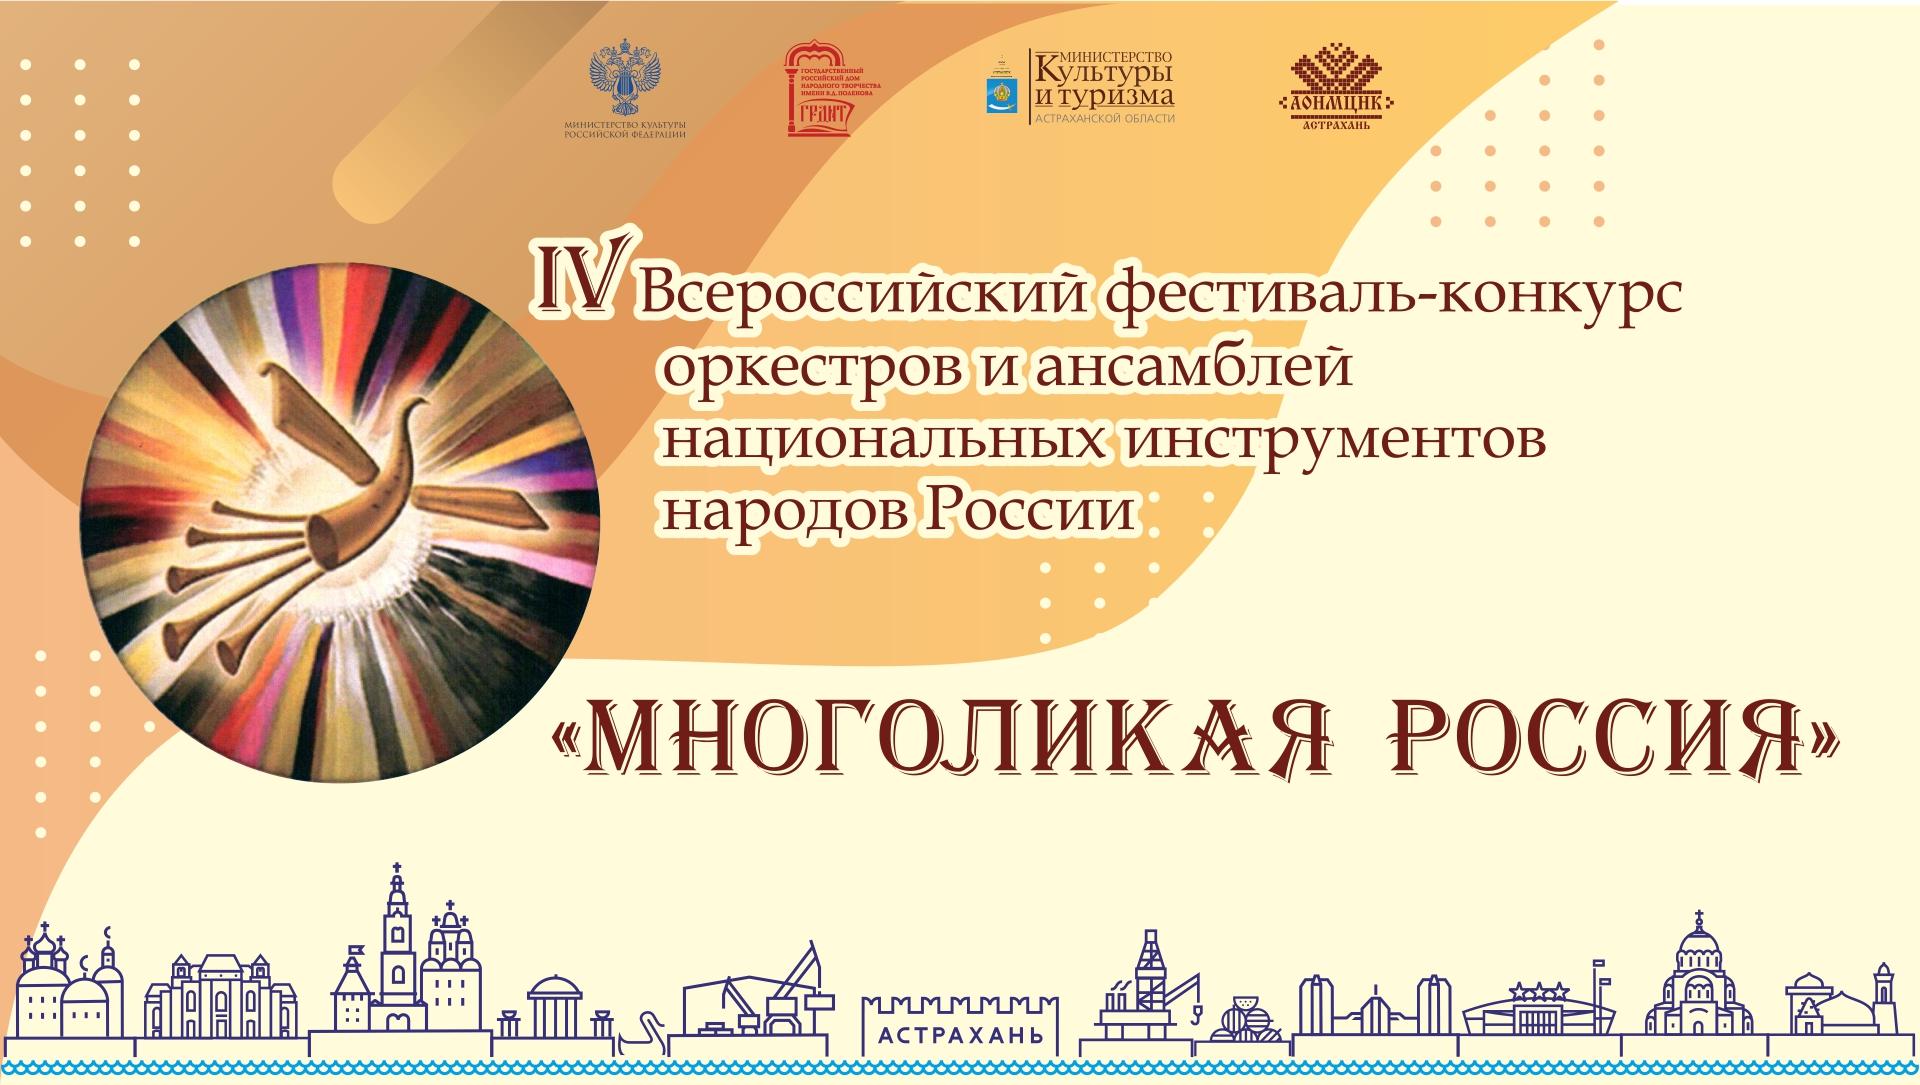 В Астрахани прошёл Круглый стол по итогам фестиваля-конкурса «Многоликая Россия»